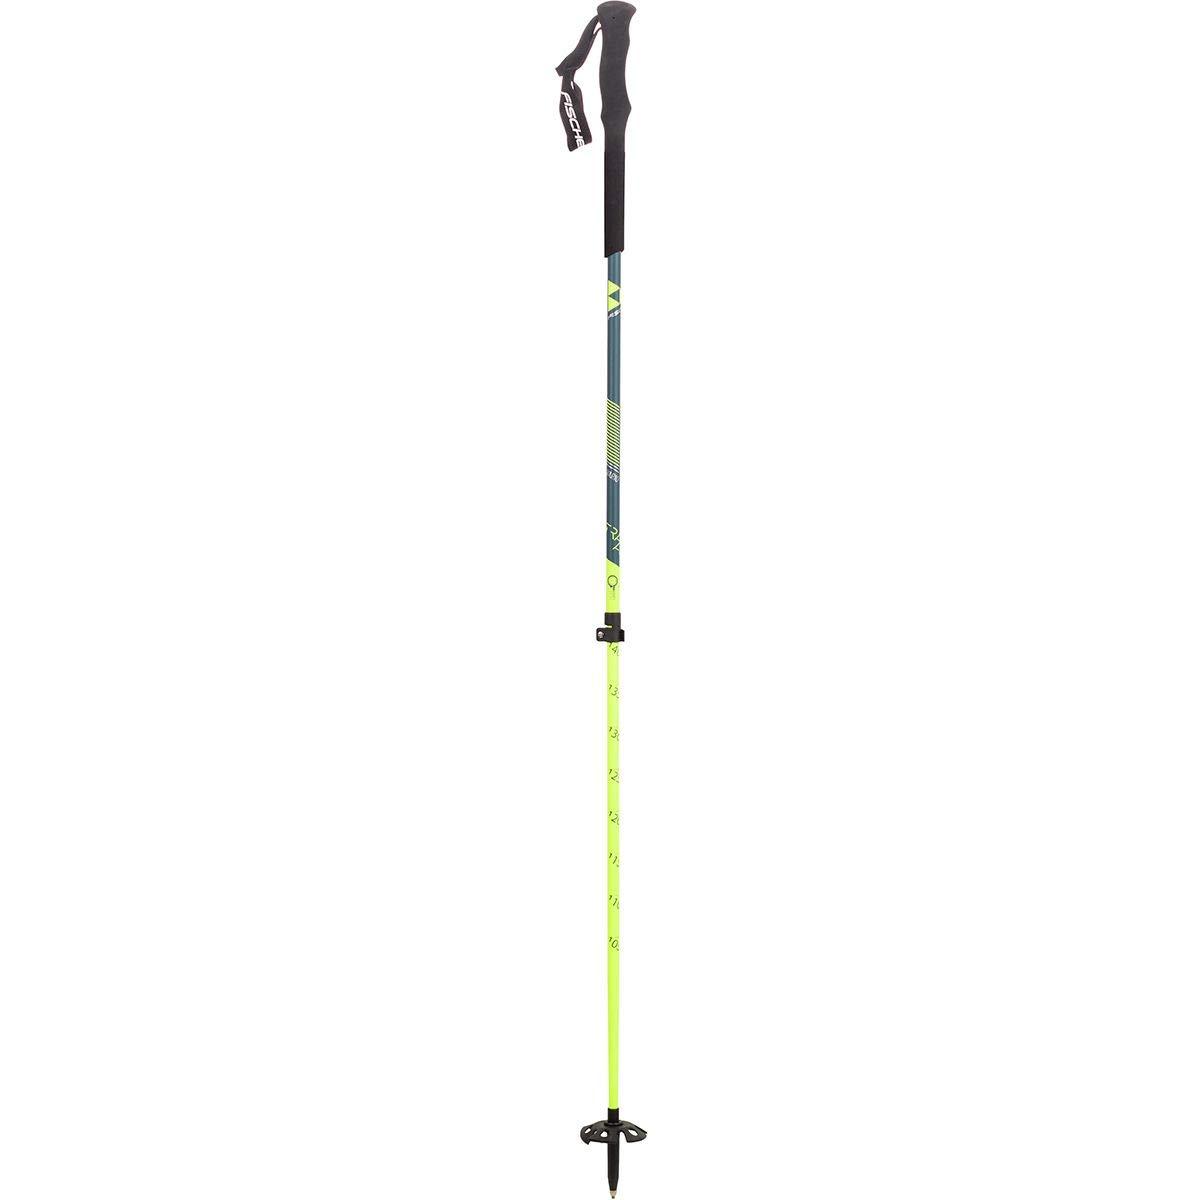 Fischer Transalp Vario スキーポール 1色 105-140cm